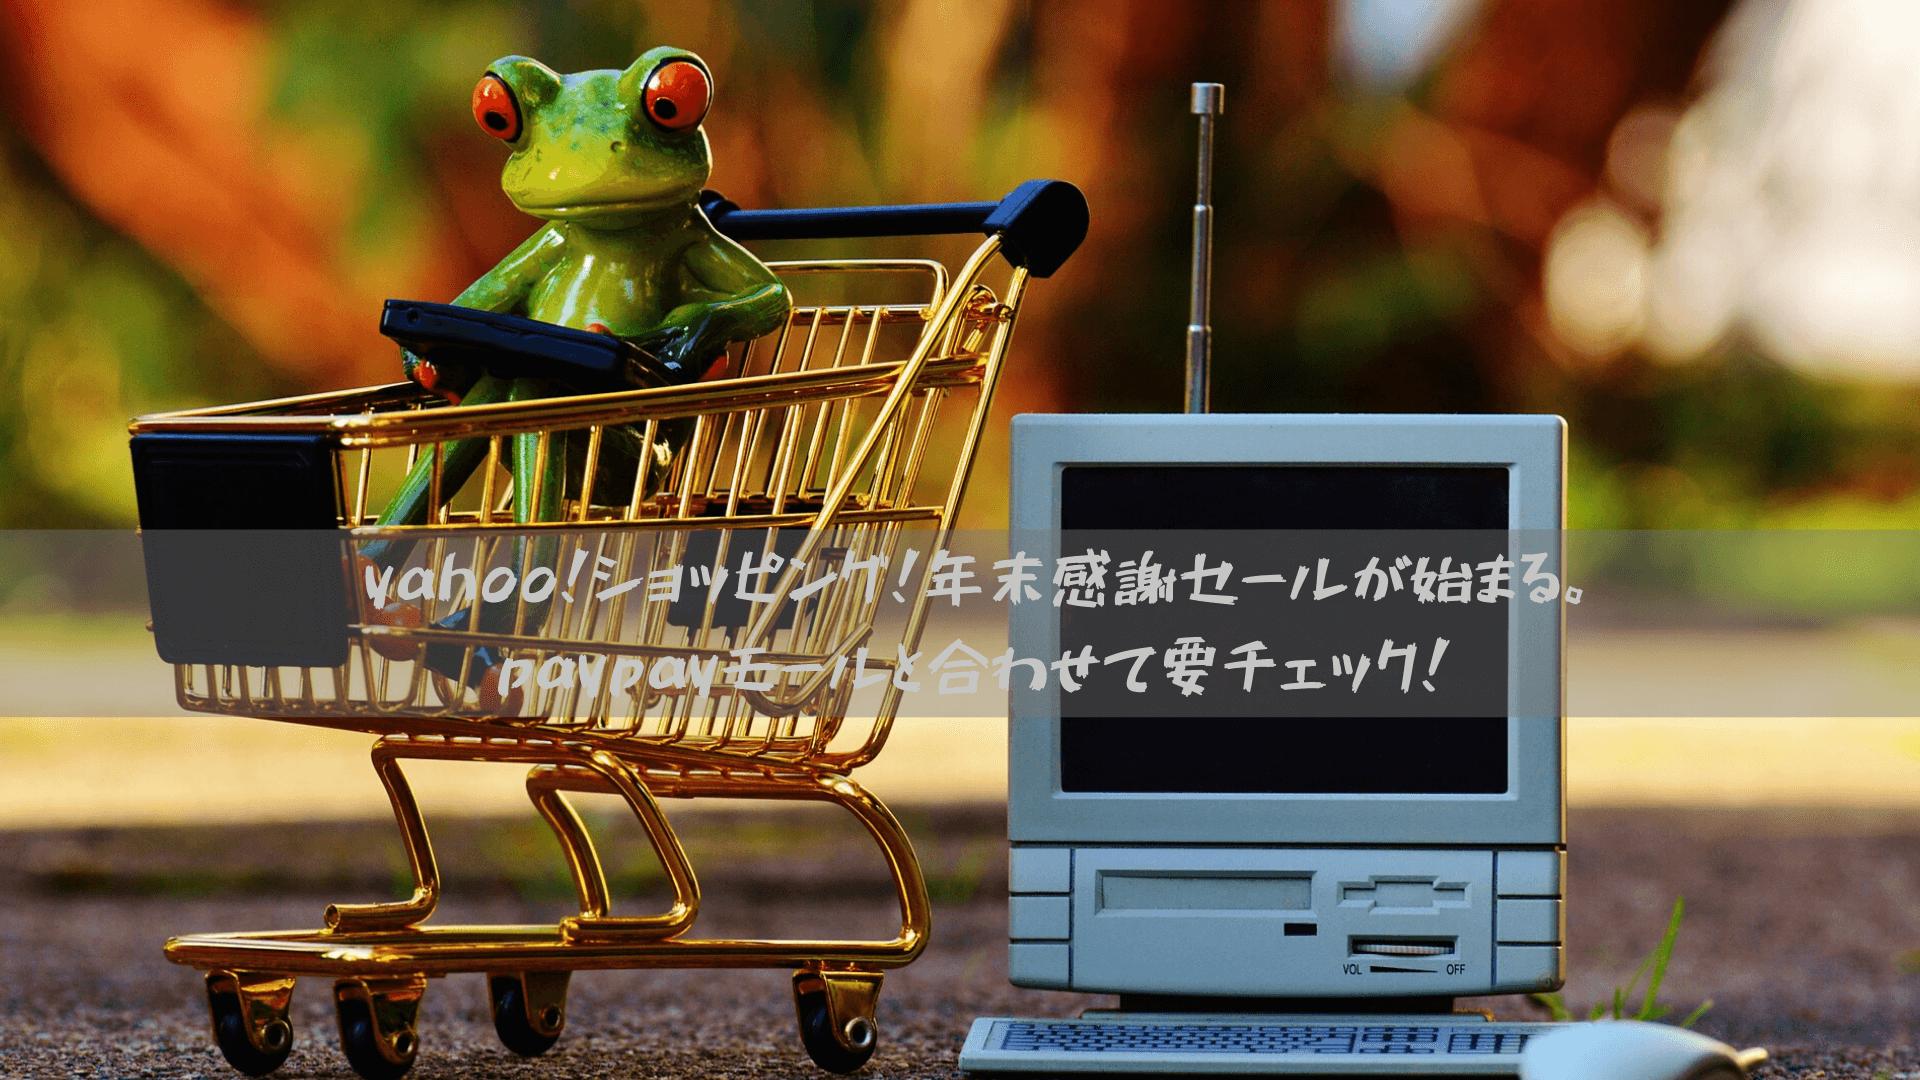 yahoo!ショッピング!年末感謝セールが始まる。paypayモールと合わせて要チェック!